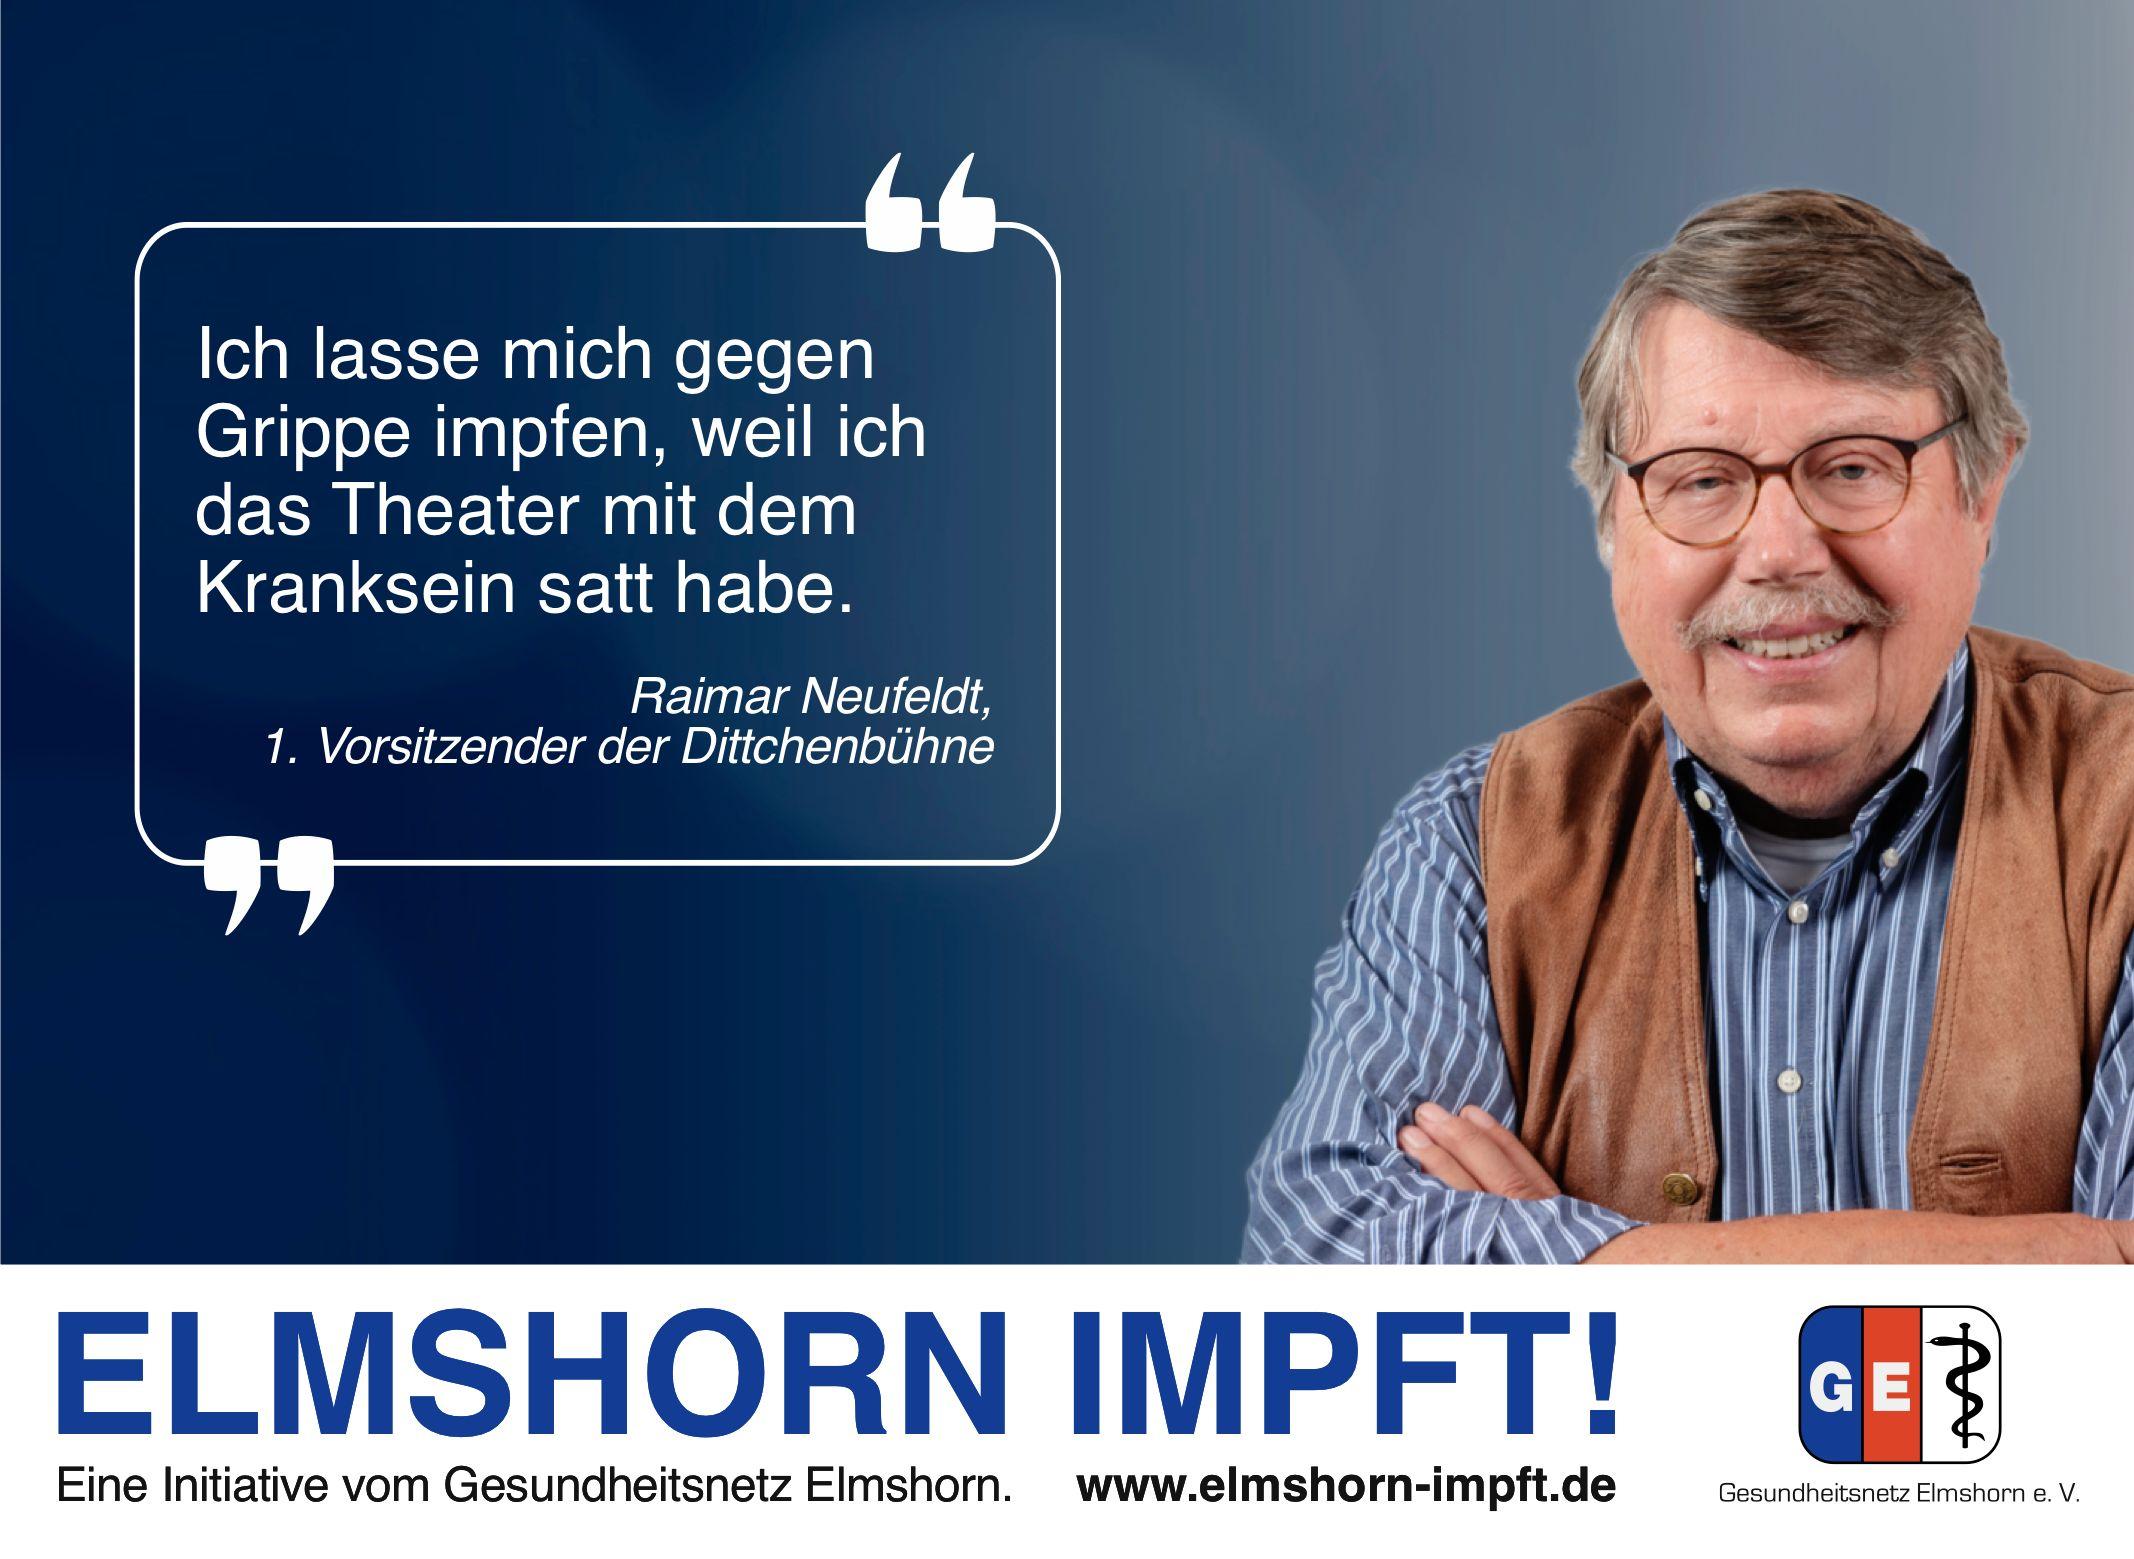 Elmshorn impft Testimonial - Raimar Neufeldt